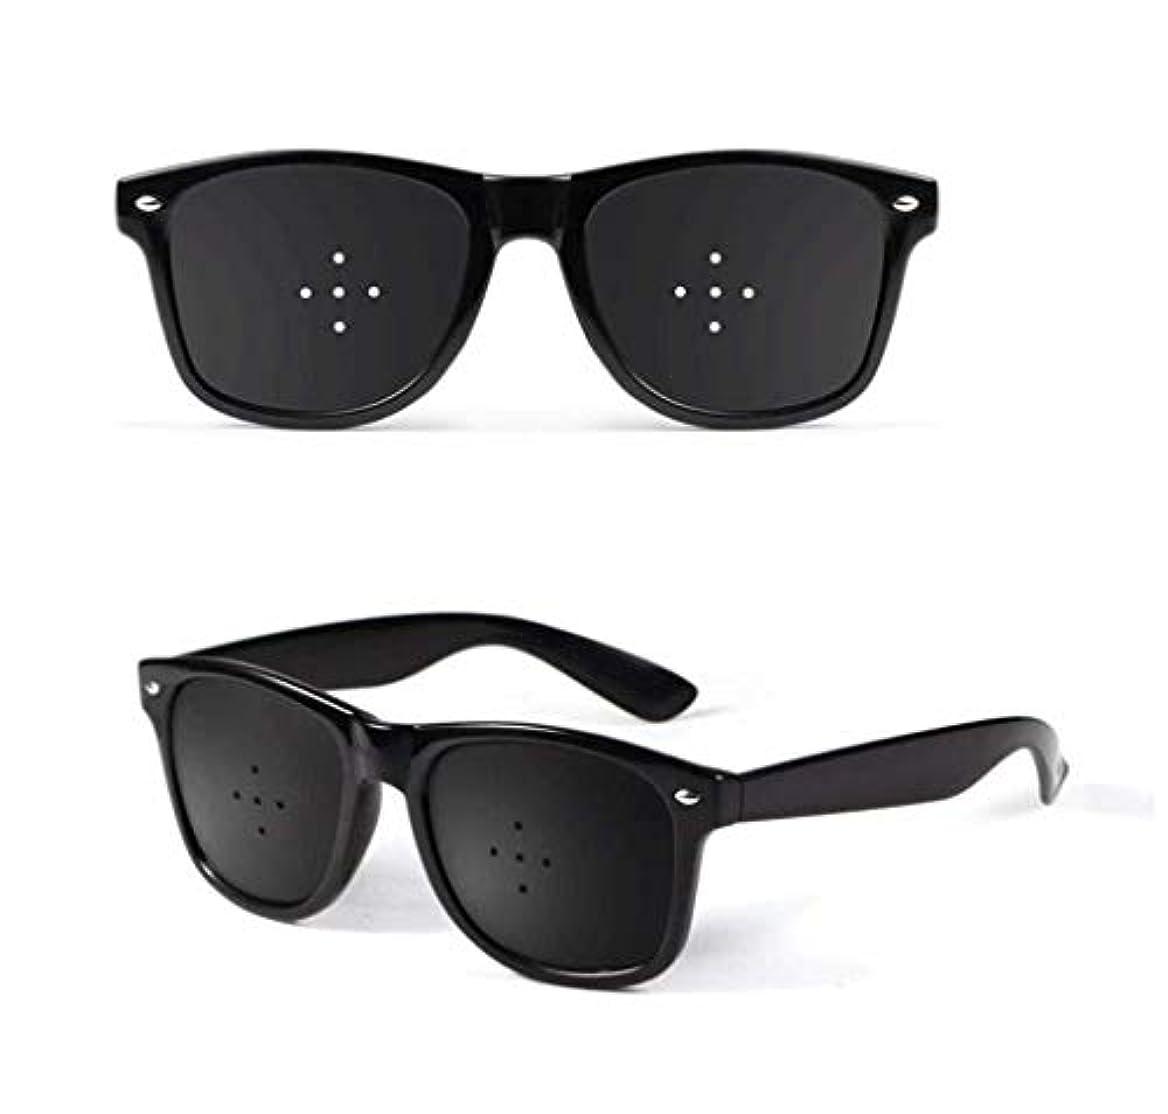 戸惑う対応ジャニスユニセックス視力ビジョンケアビジョンピンホールメガネアイズエクササイズファッションナチュラル (Color : 黒)